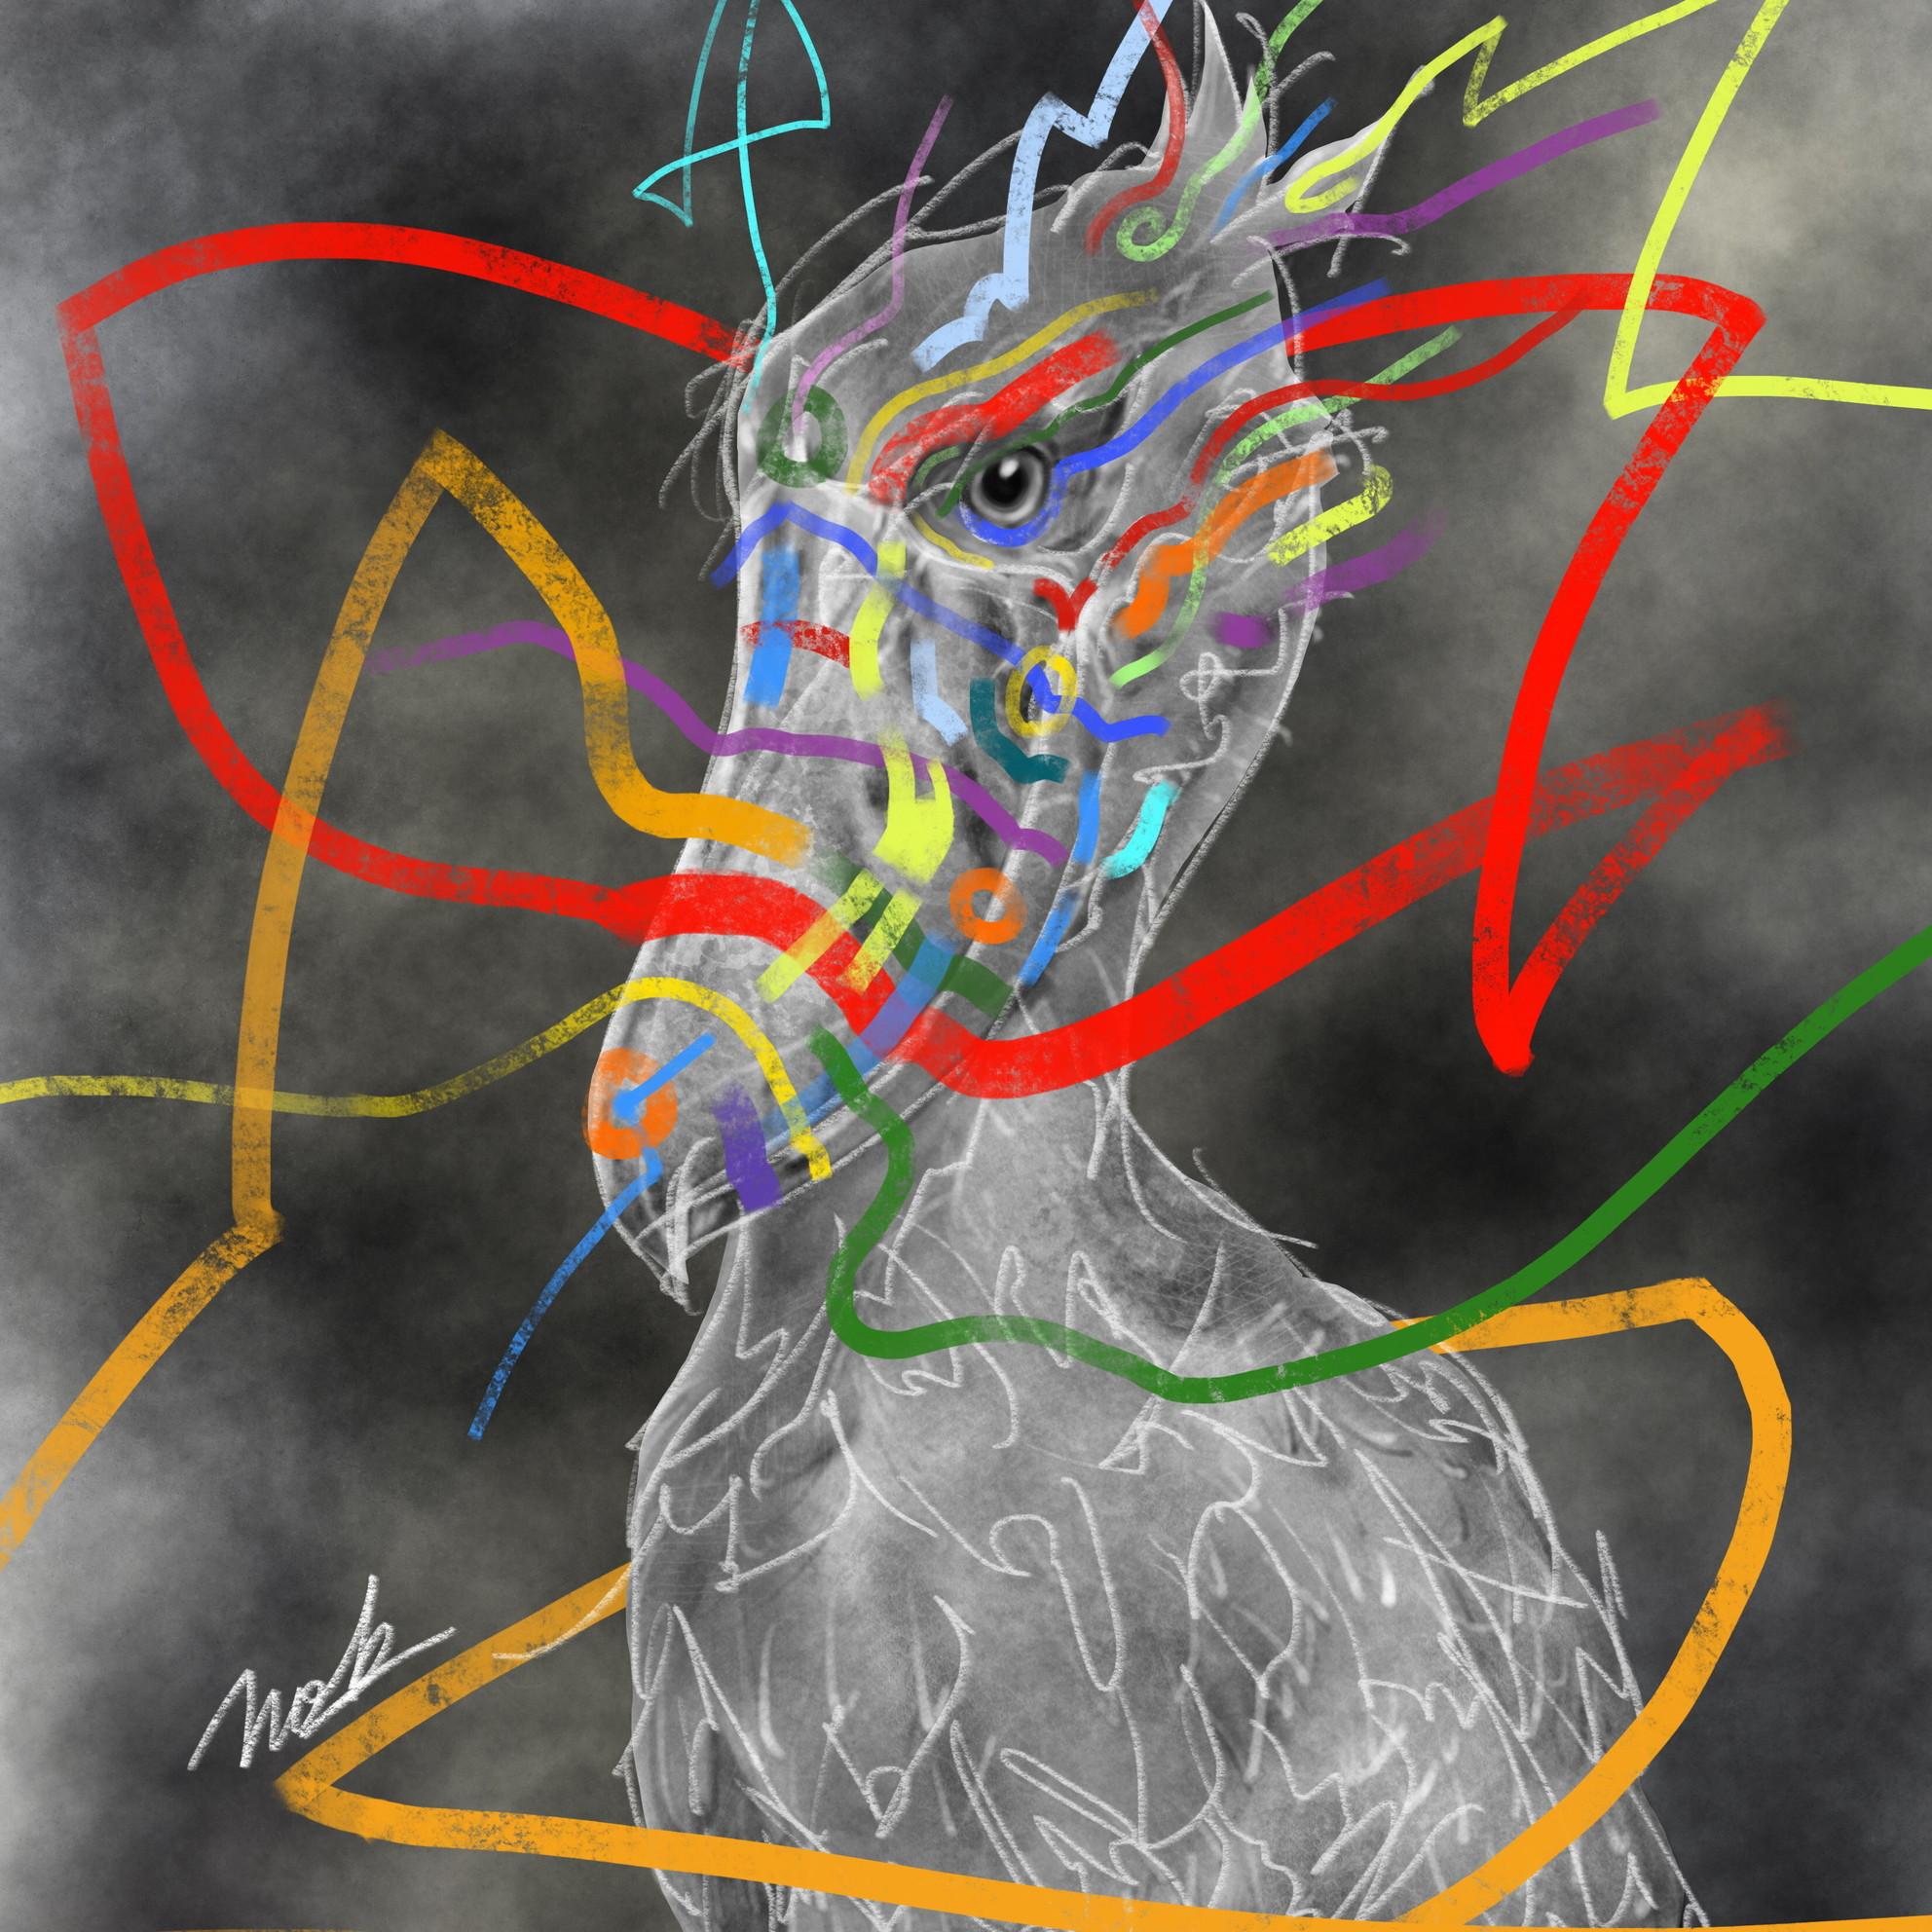 絵画 絵 ピクチャー 縁起画 モダン シェアハウス アートパネル アート art 14cm×14cm 一人暮らし 送料無料 インテリア 雑貨 壁掛け 置物 おしゃれ ロココロ 現代アート 鳥 ハシビロコウ コウノトリ  画家 : nob 作品 : Shoebill